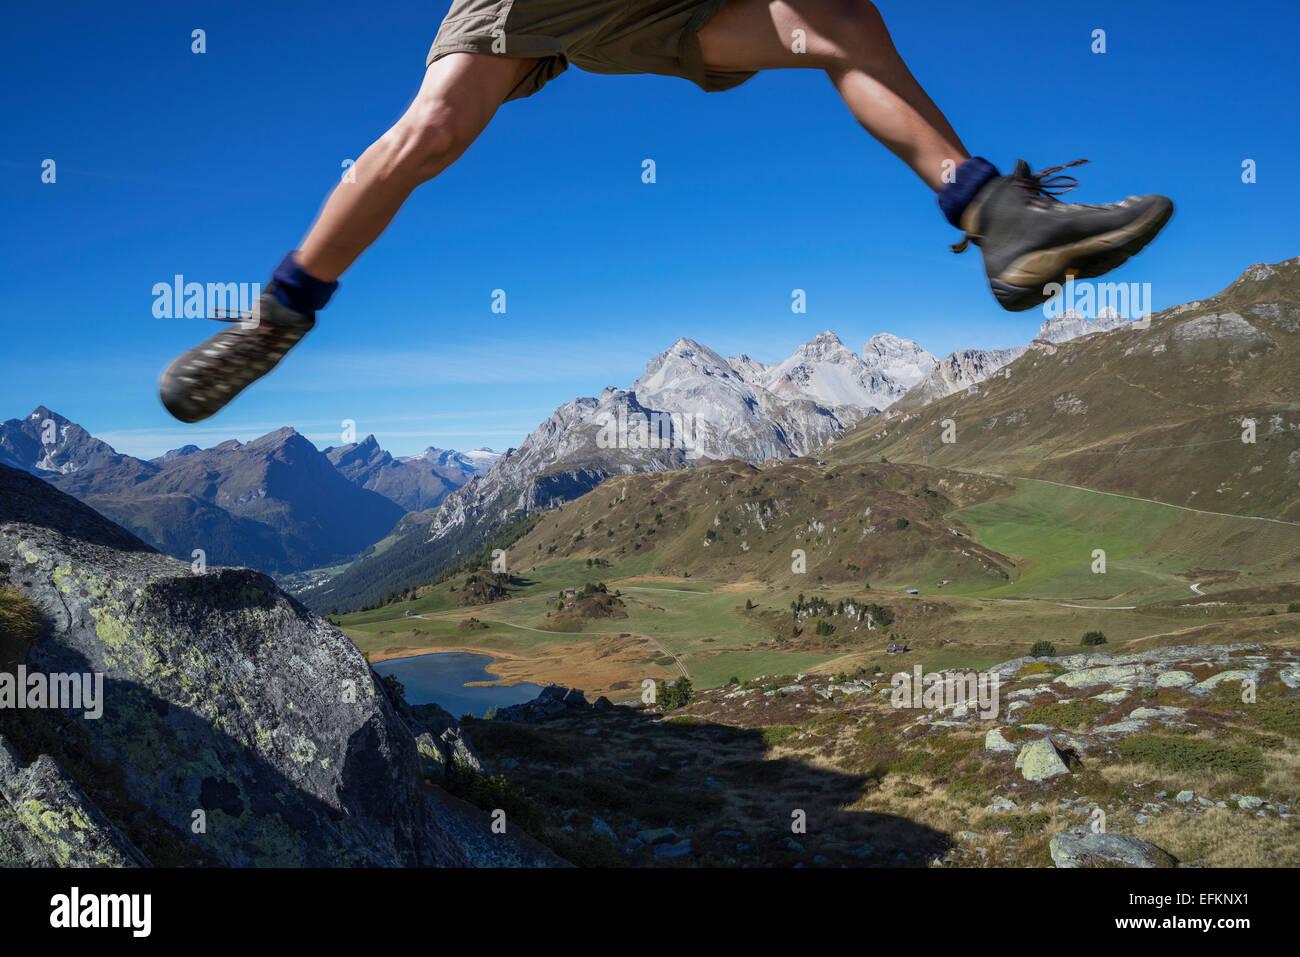 Las piernas de caminante masculina saltar por encima de las rocas, Lai da Fons, Cantón Graubunden, Suiza Imagen De Stock